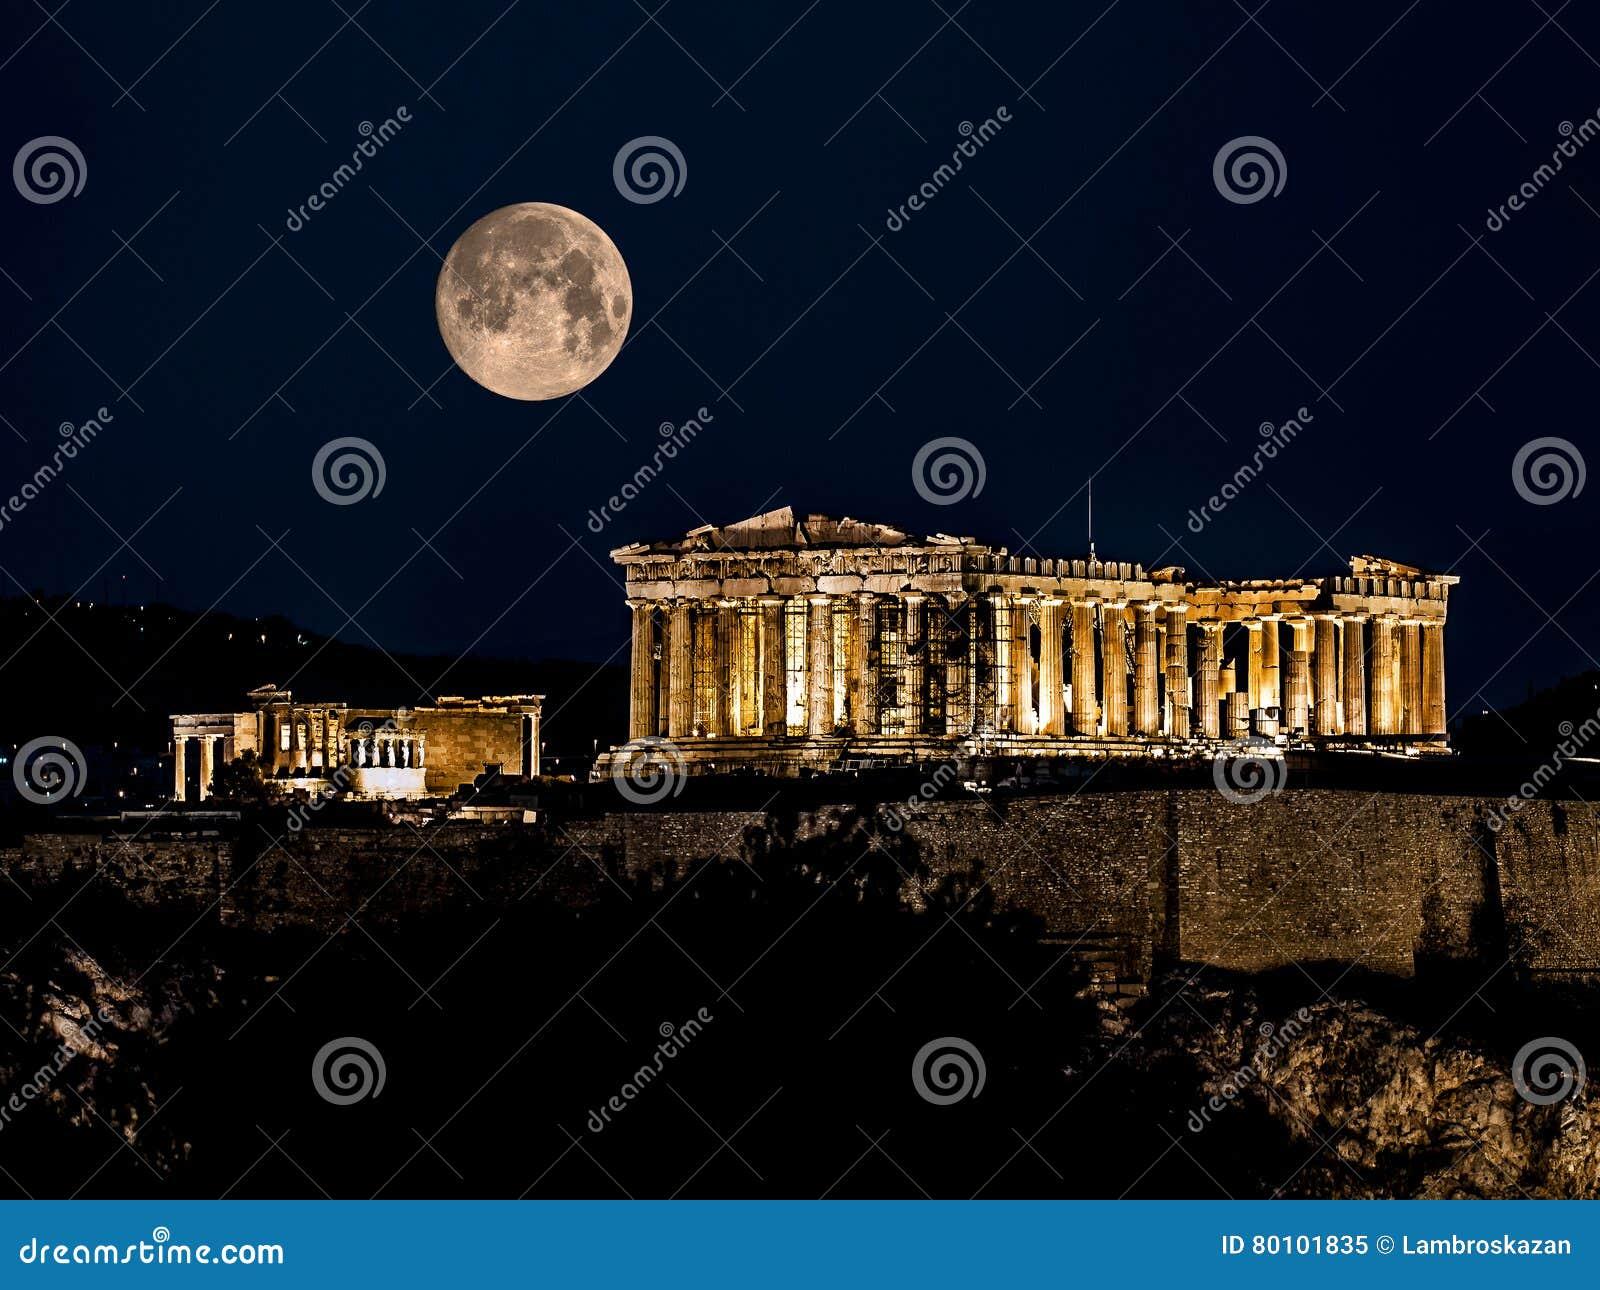 Partenon de Atenas na noite com Lua cheia